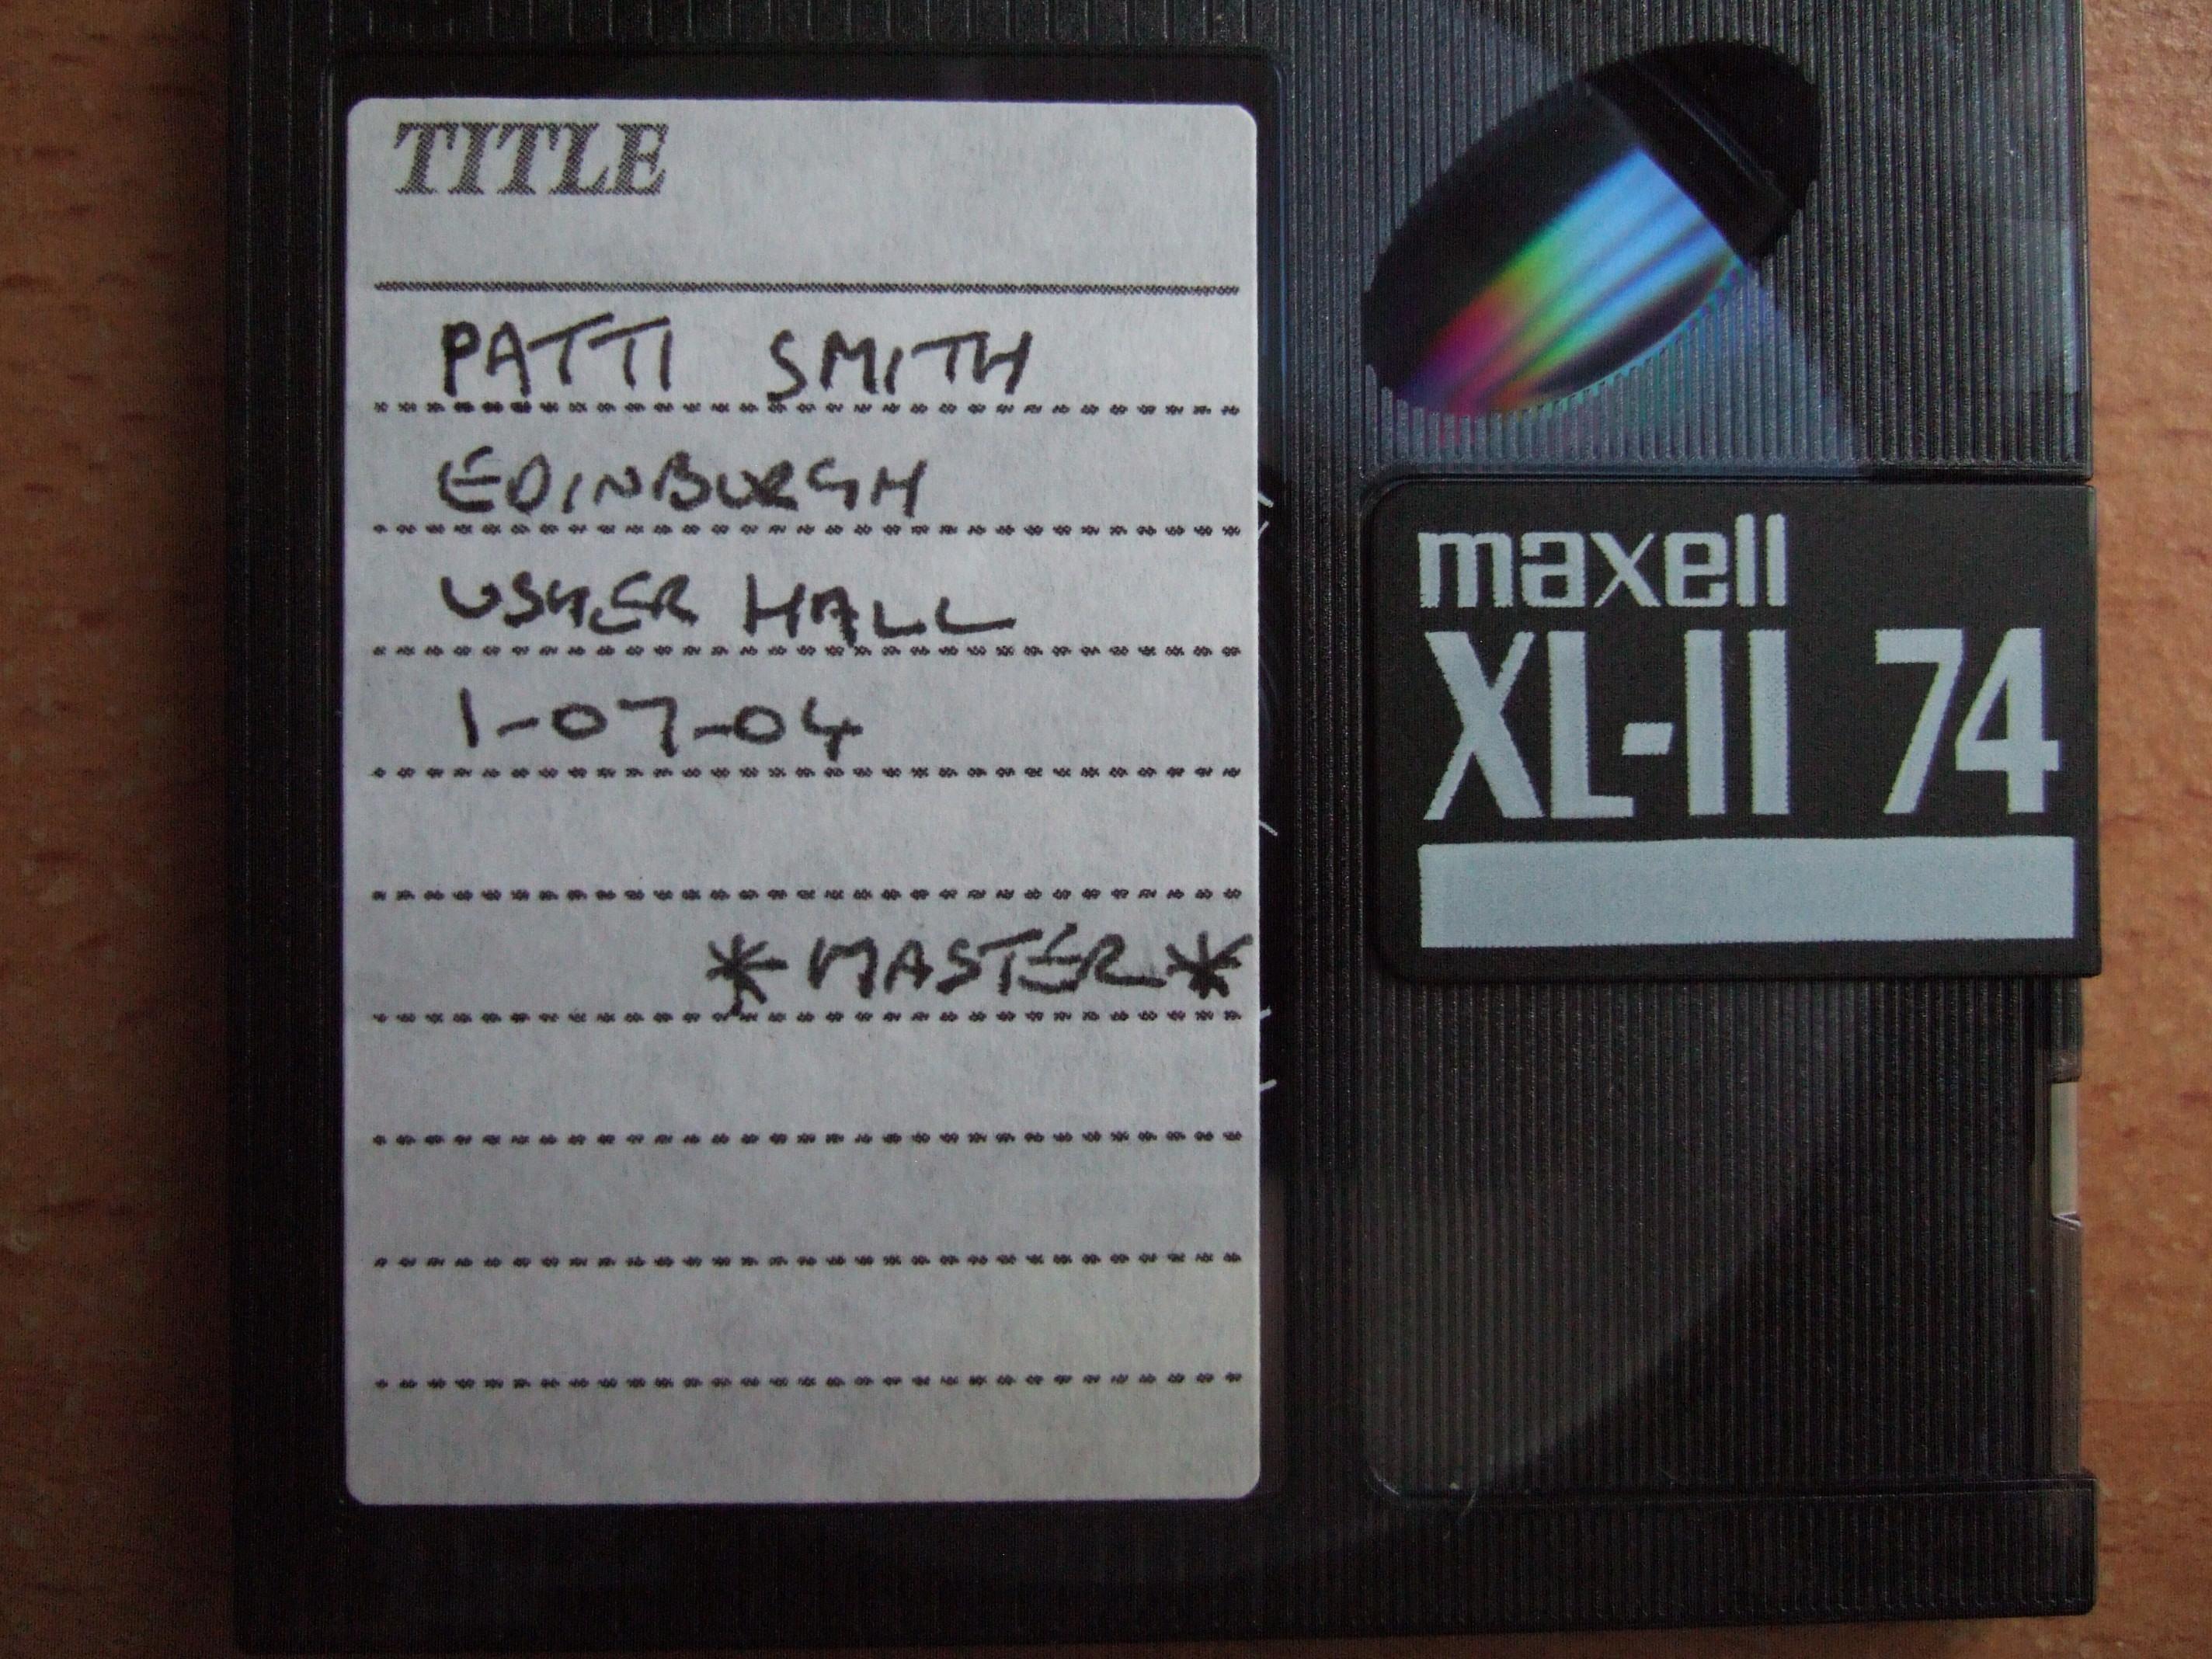 PattiSmith2004-07-01UsherHallEdinburghUK.jpg